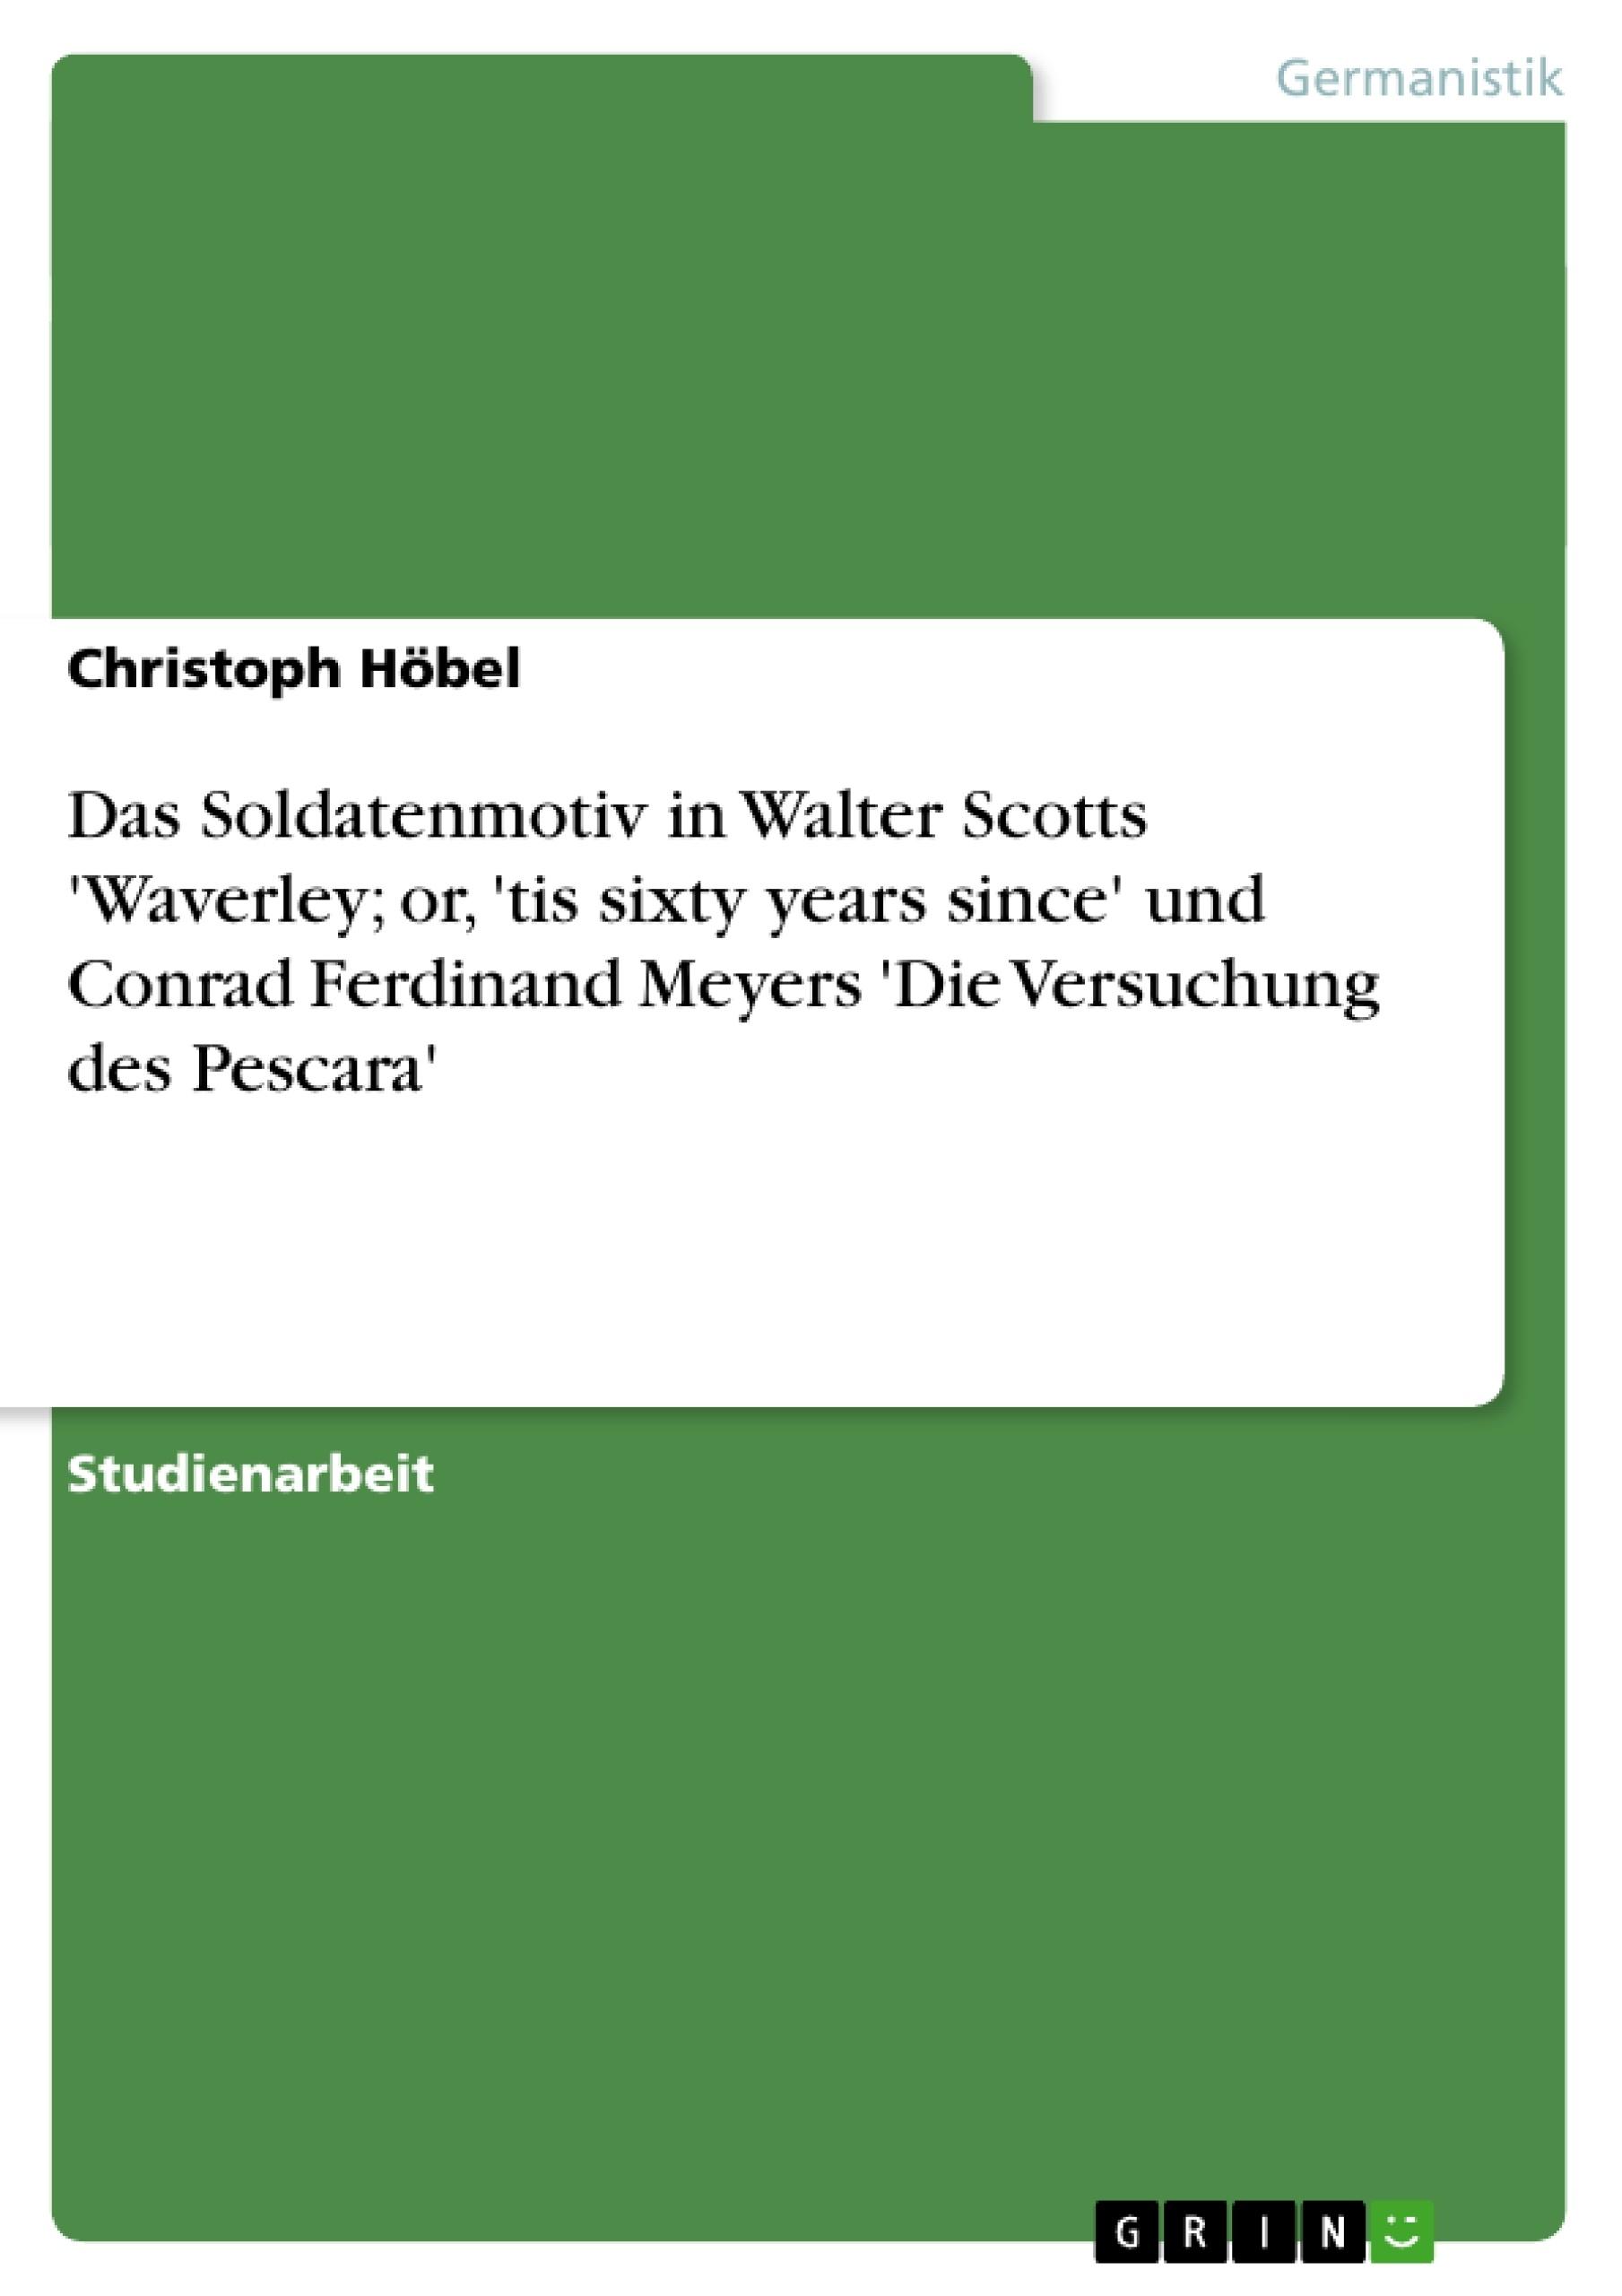 Titel: Das Soldatenmotiv in Walter Scotts 'Waverley; or, 'tis sixty years since' und Conrad Ferdinand Meyers 'Die Versuchung des Pescara'